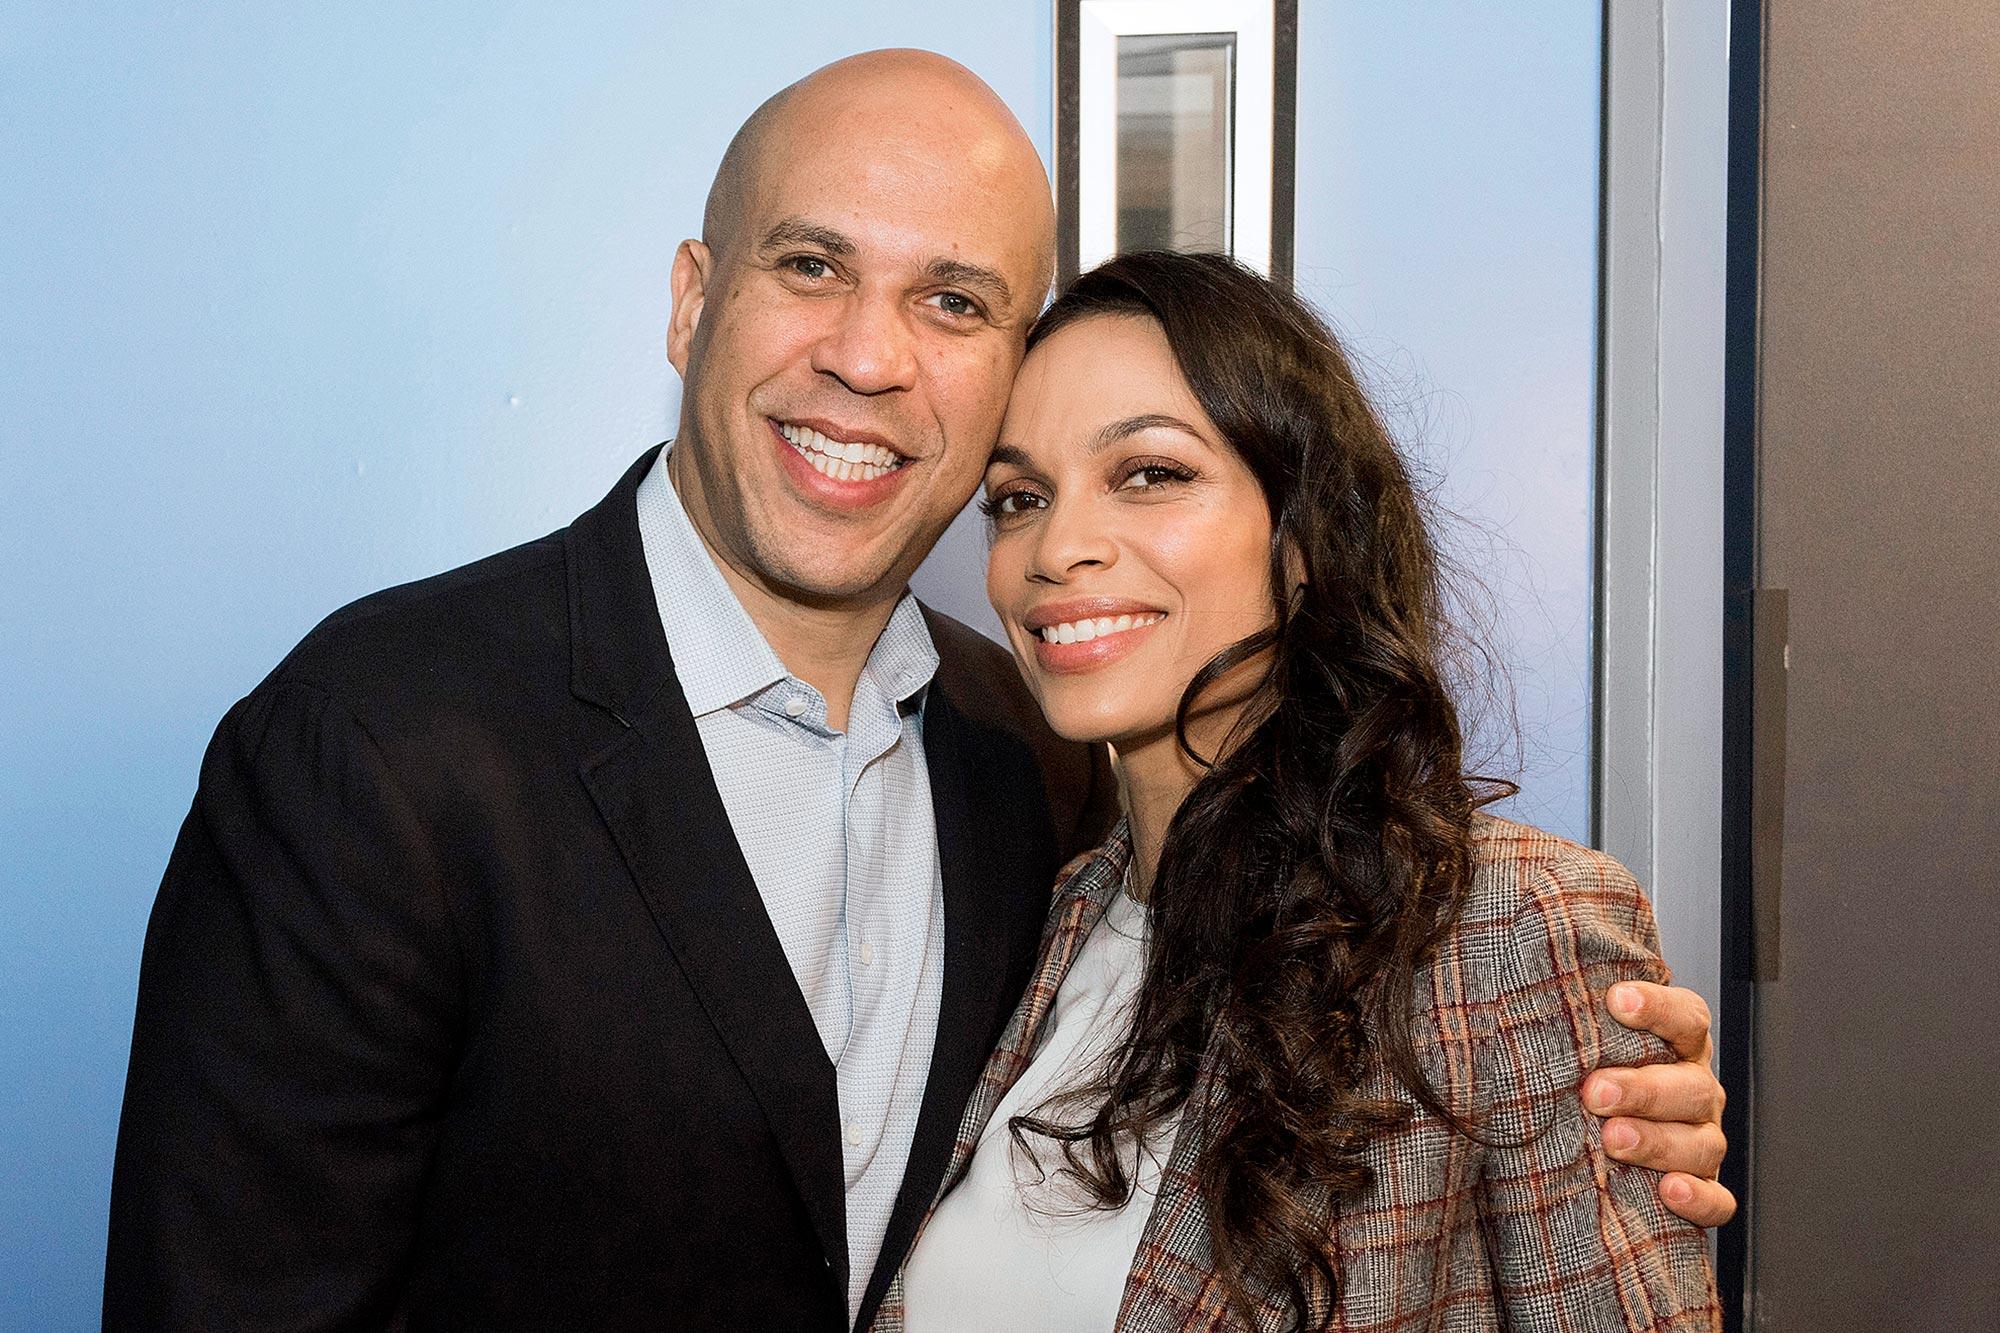 Senator Cory Booker and Rosario Dawson